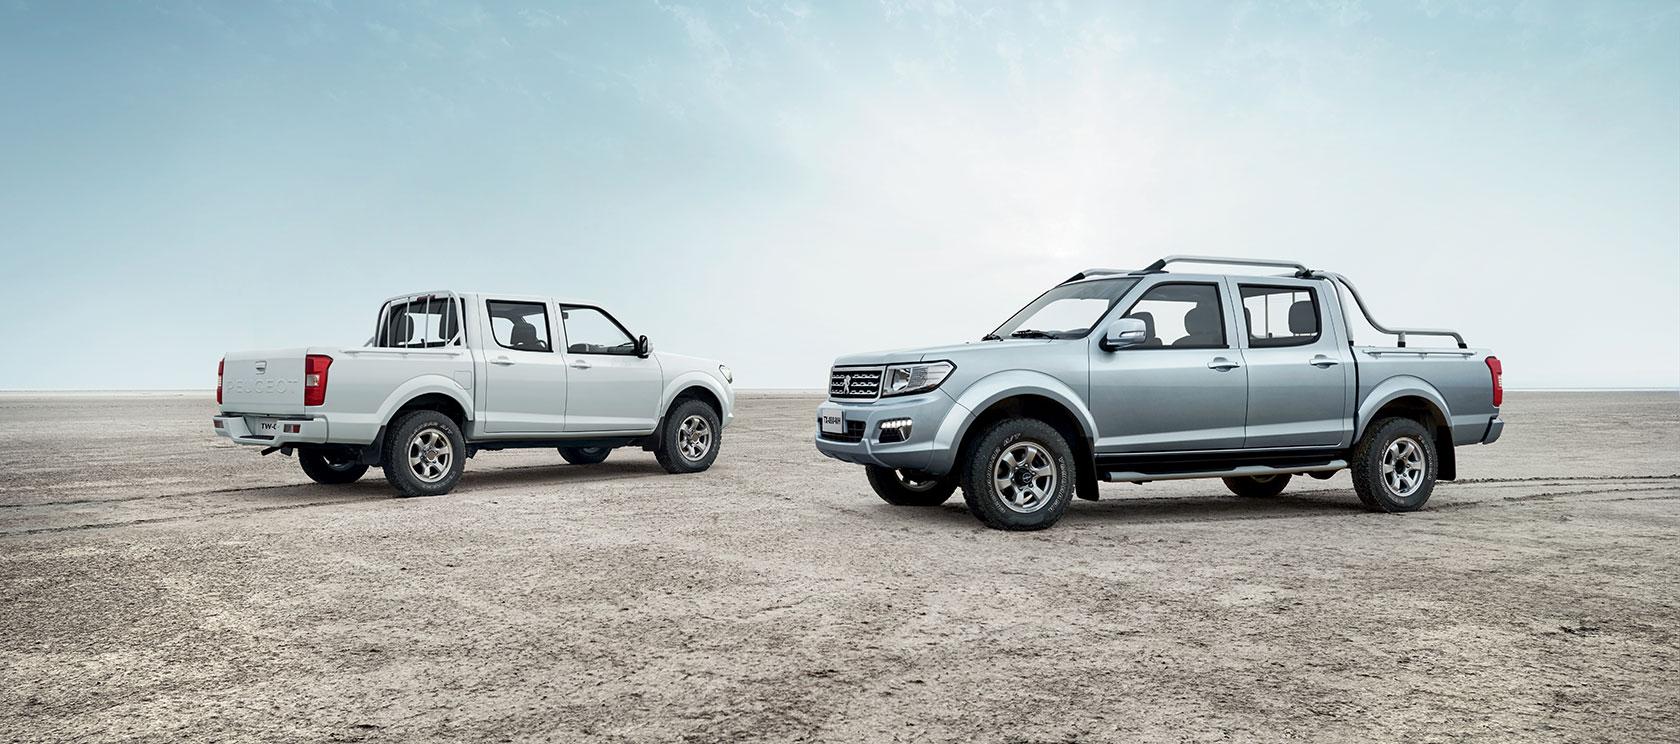 Peugeot dévoile officiellement son nouveau Pick-up